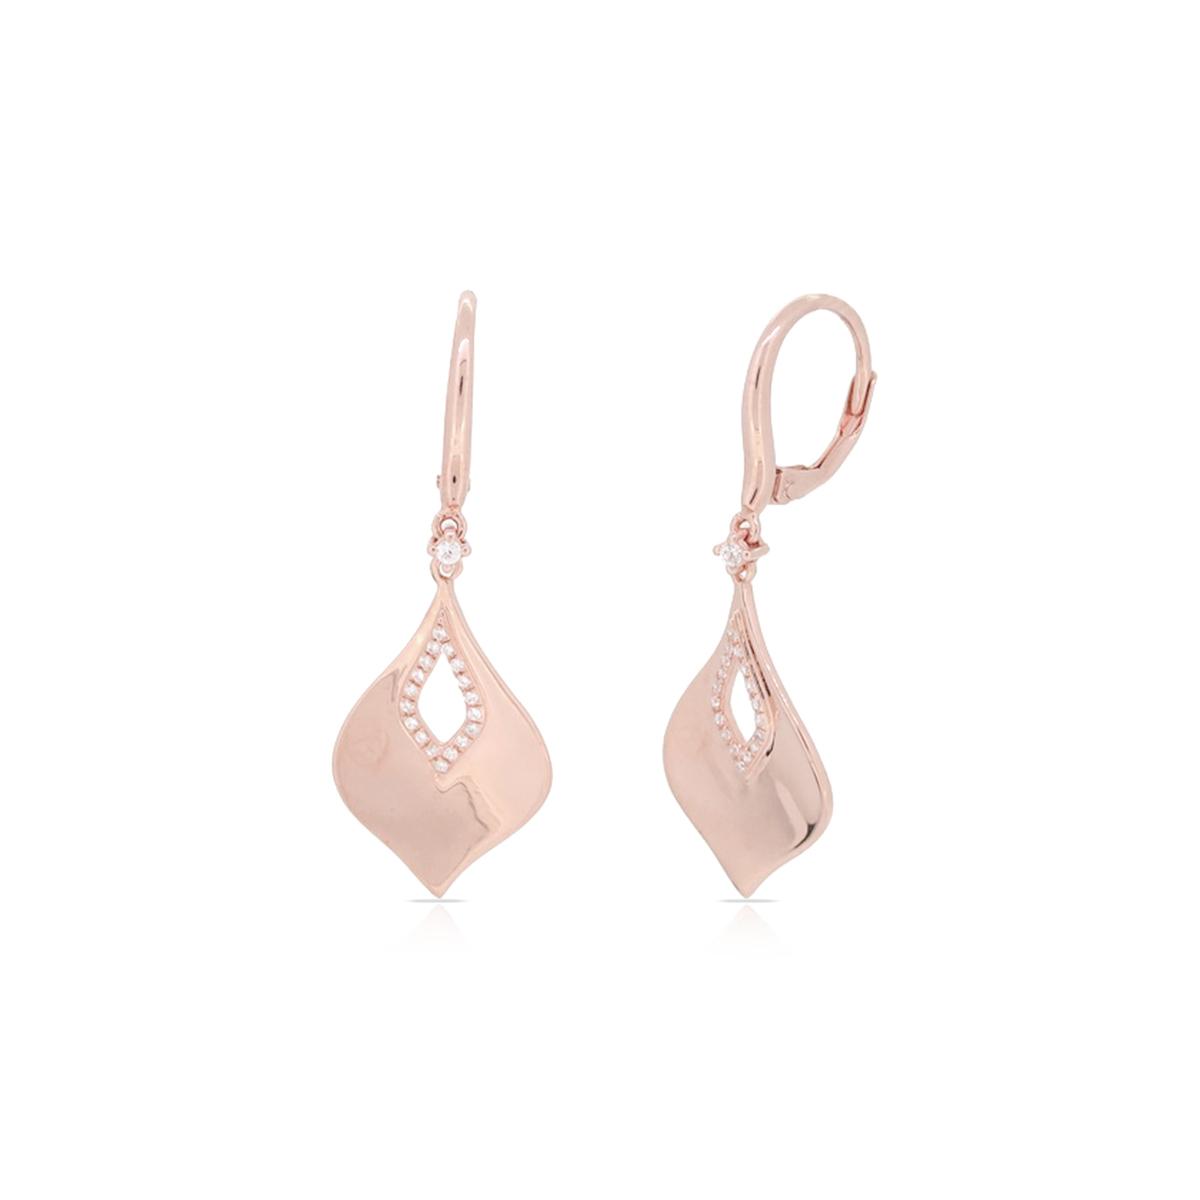 rose-gold-dangle-earrings-diamond-luvente